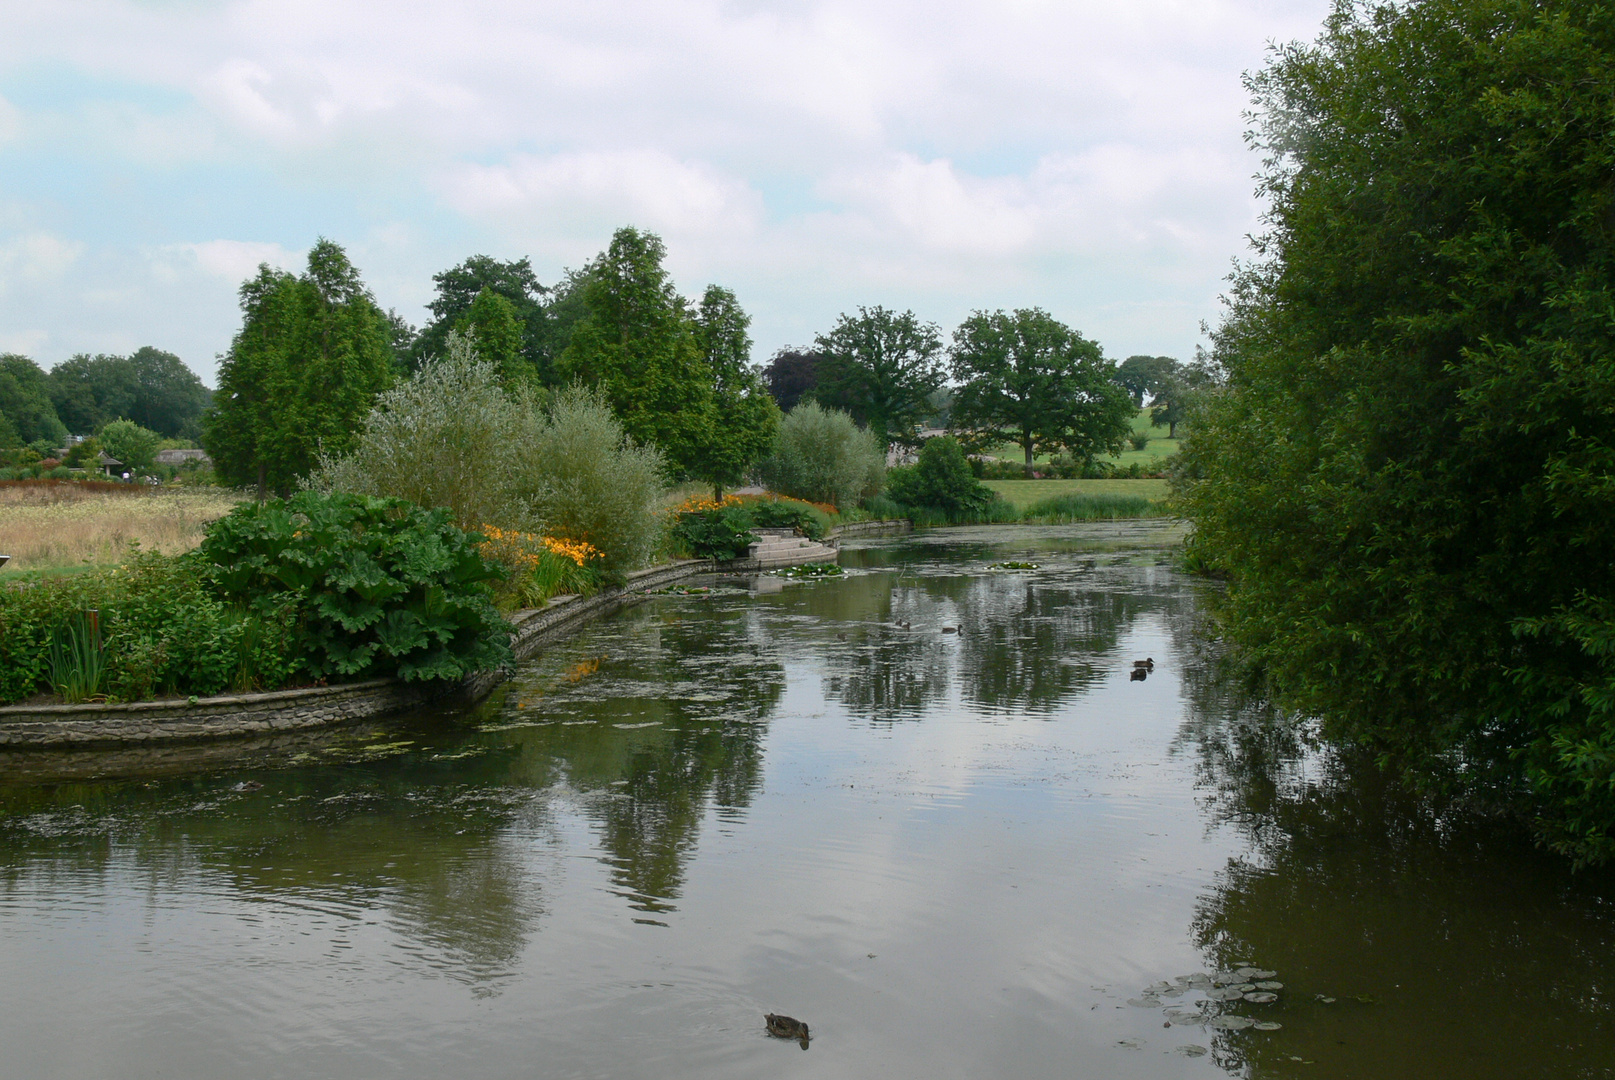 National Botanic Garden of Wales II